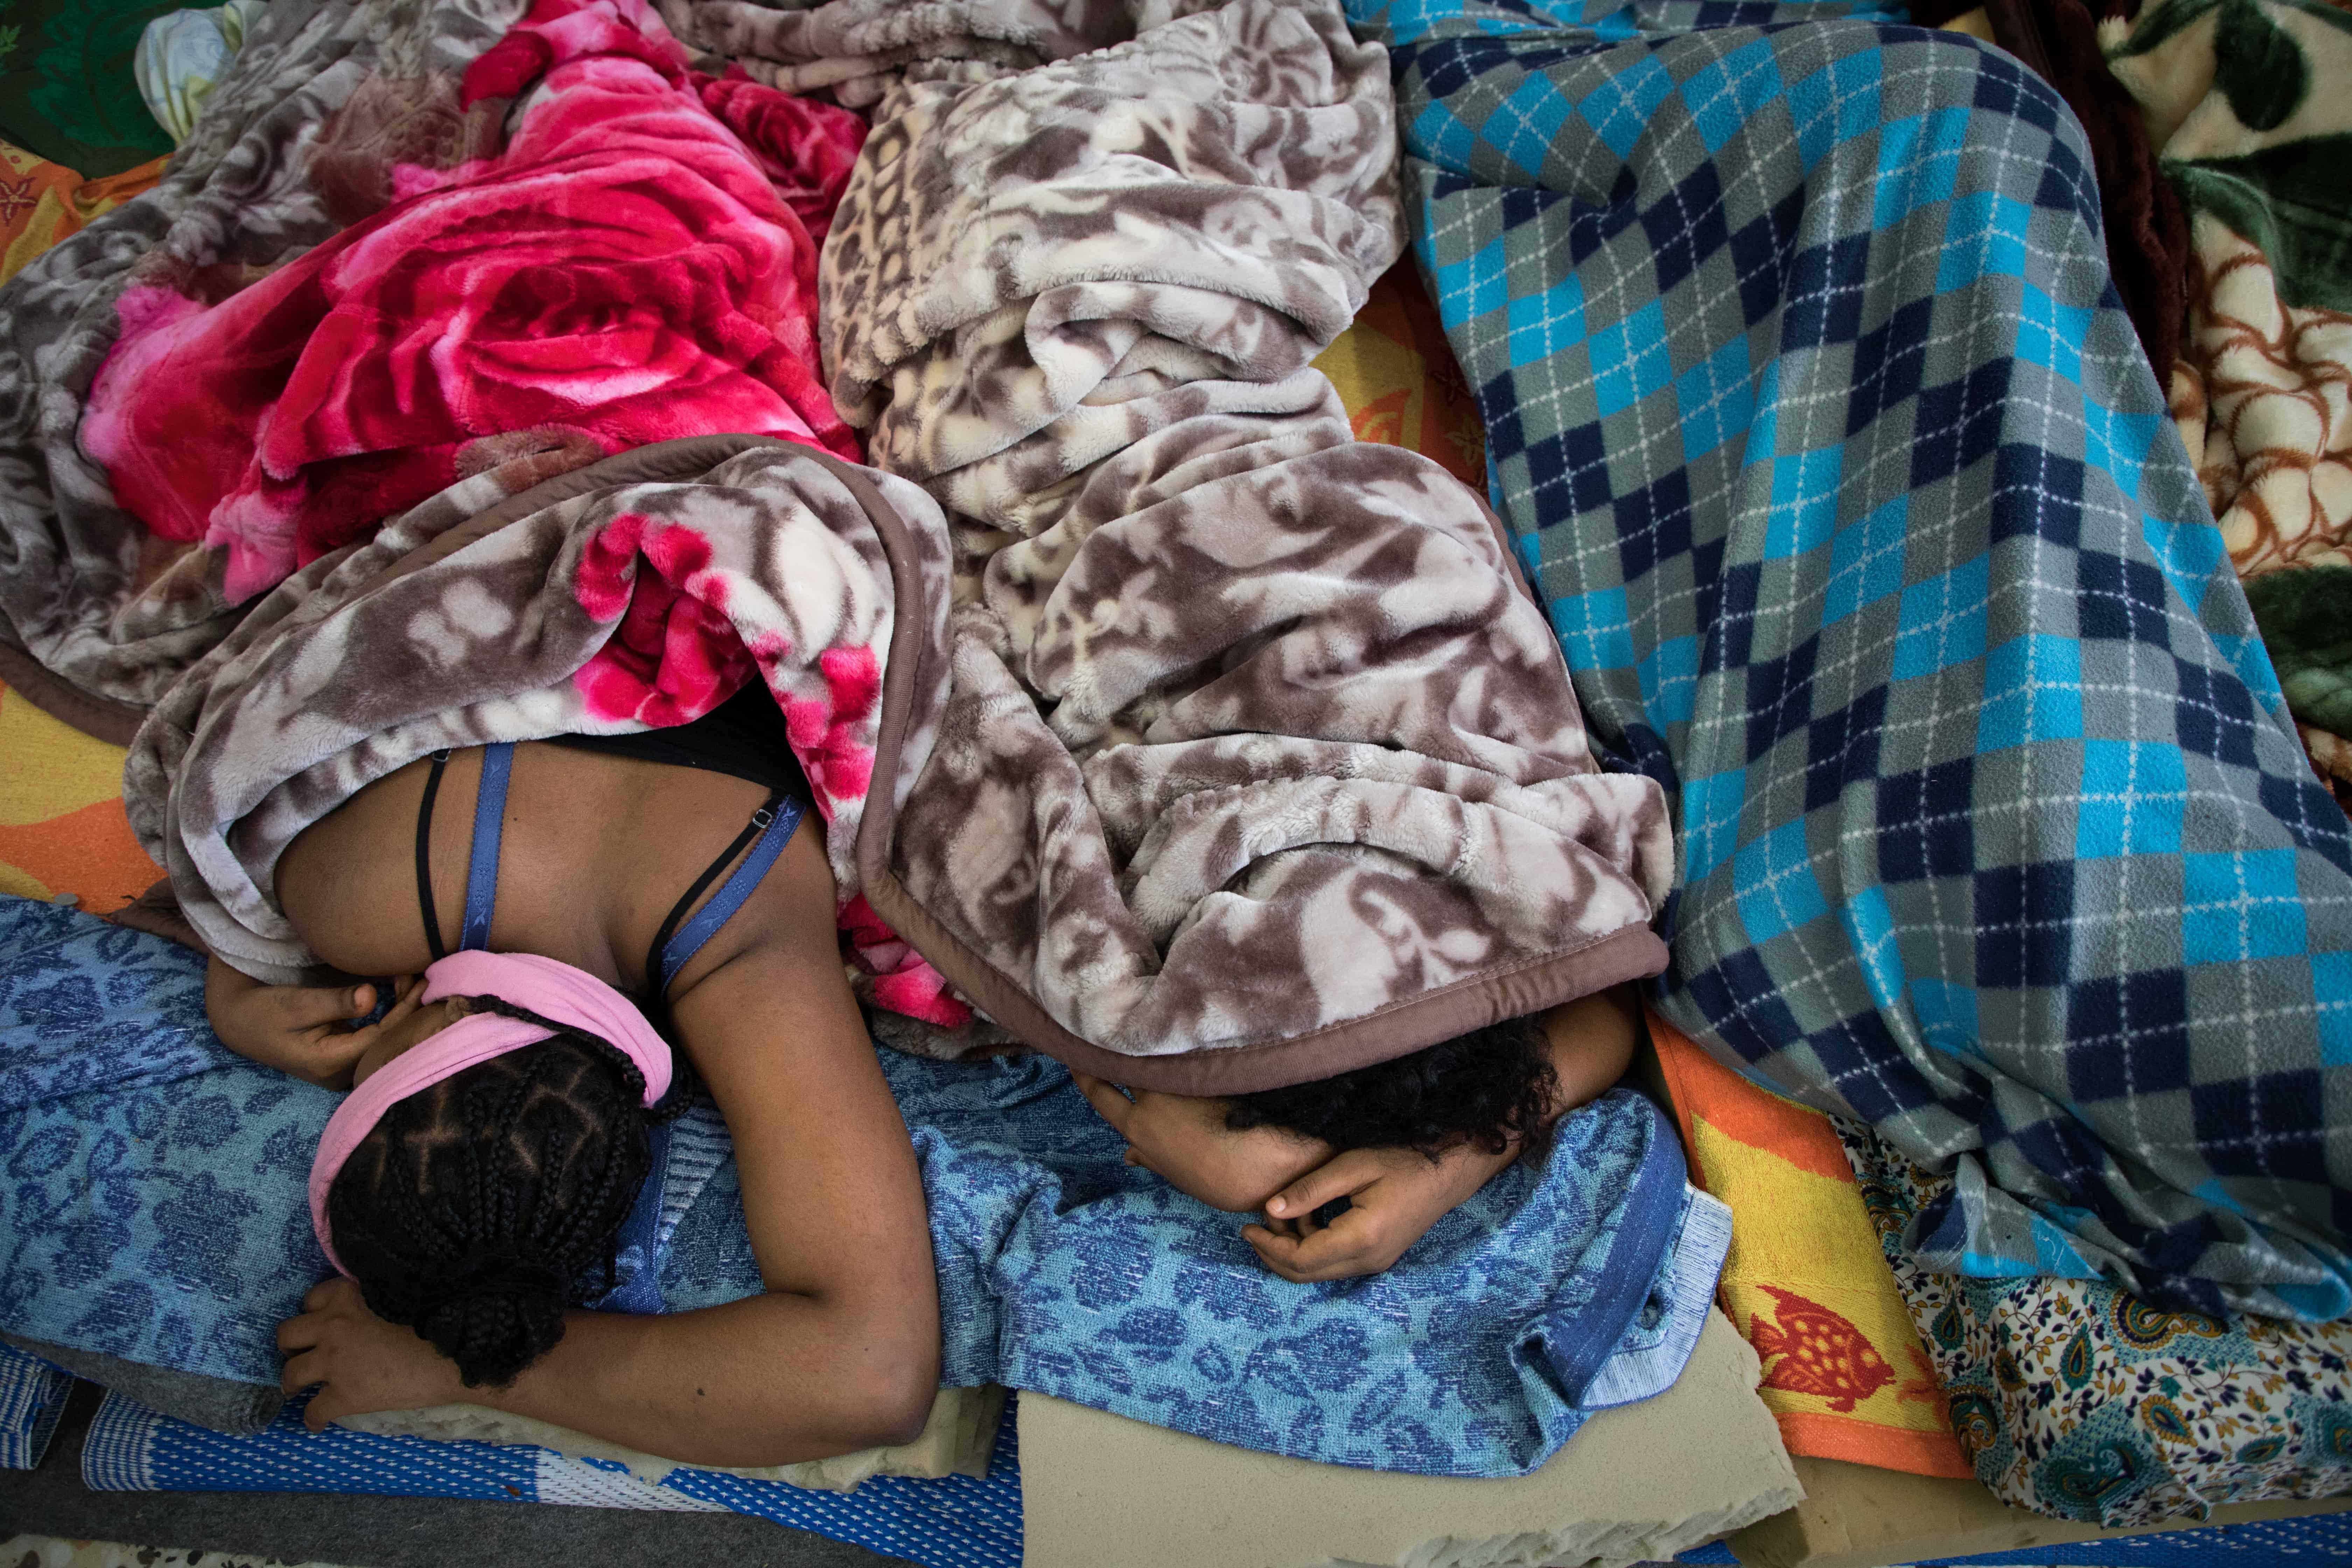 Women detainees take a nap in the Souq Al-Khamis detention centre. Khoms, Libya, October 2019. © AURELIE BAUMEL/MSF